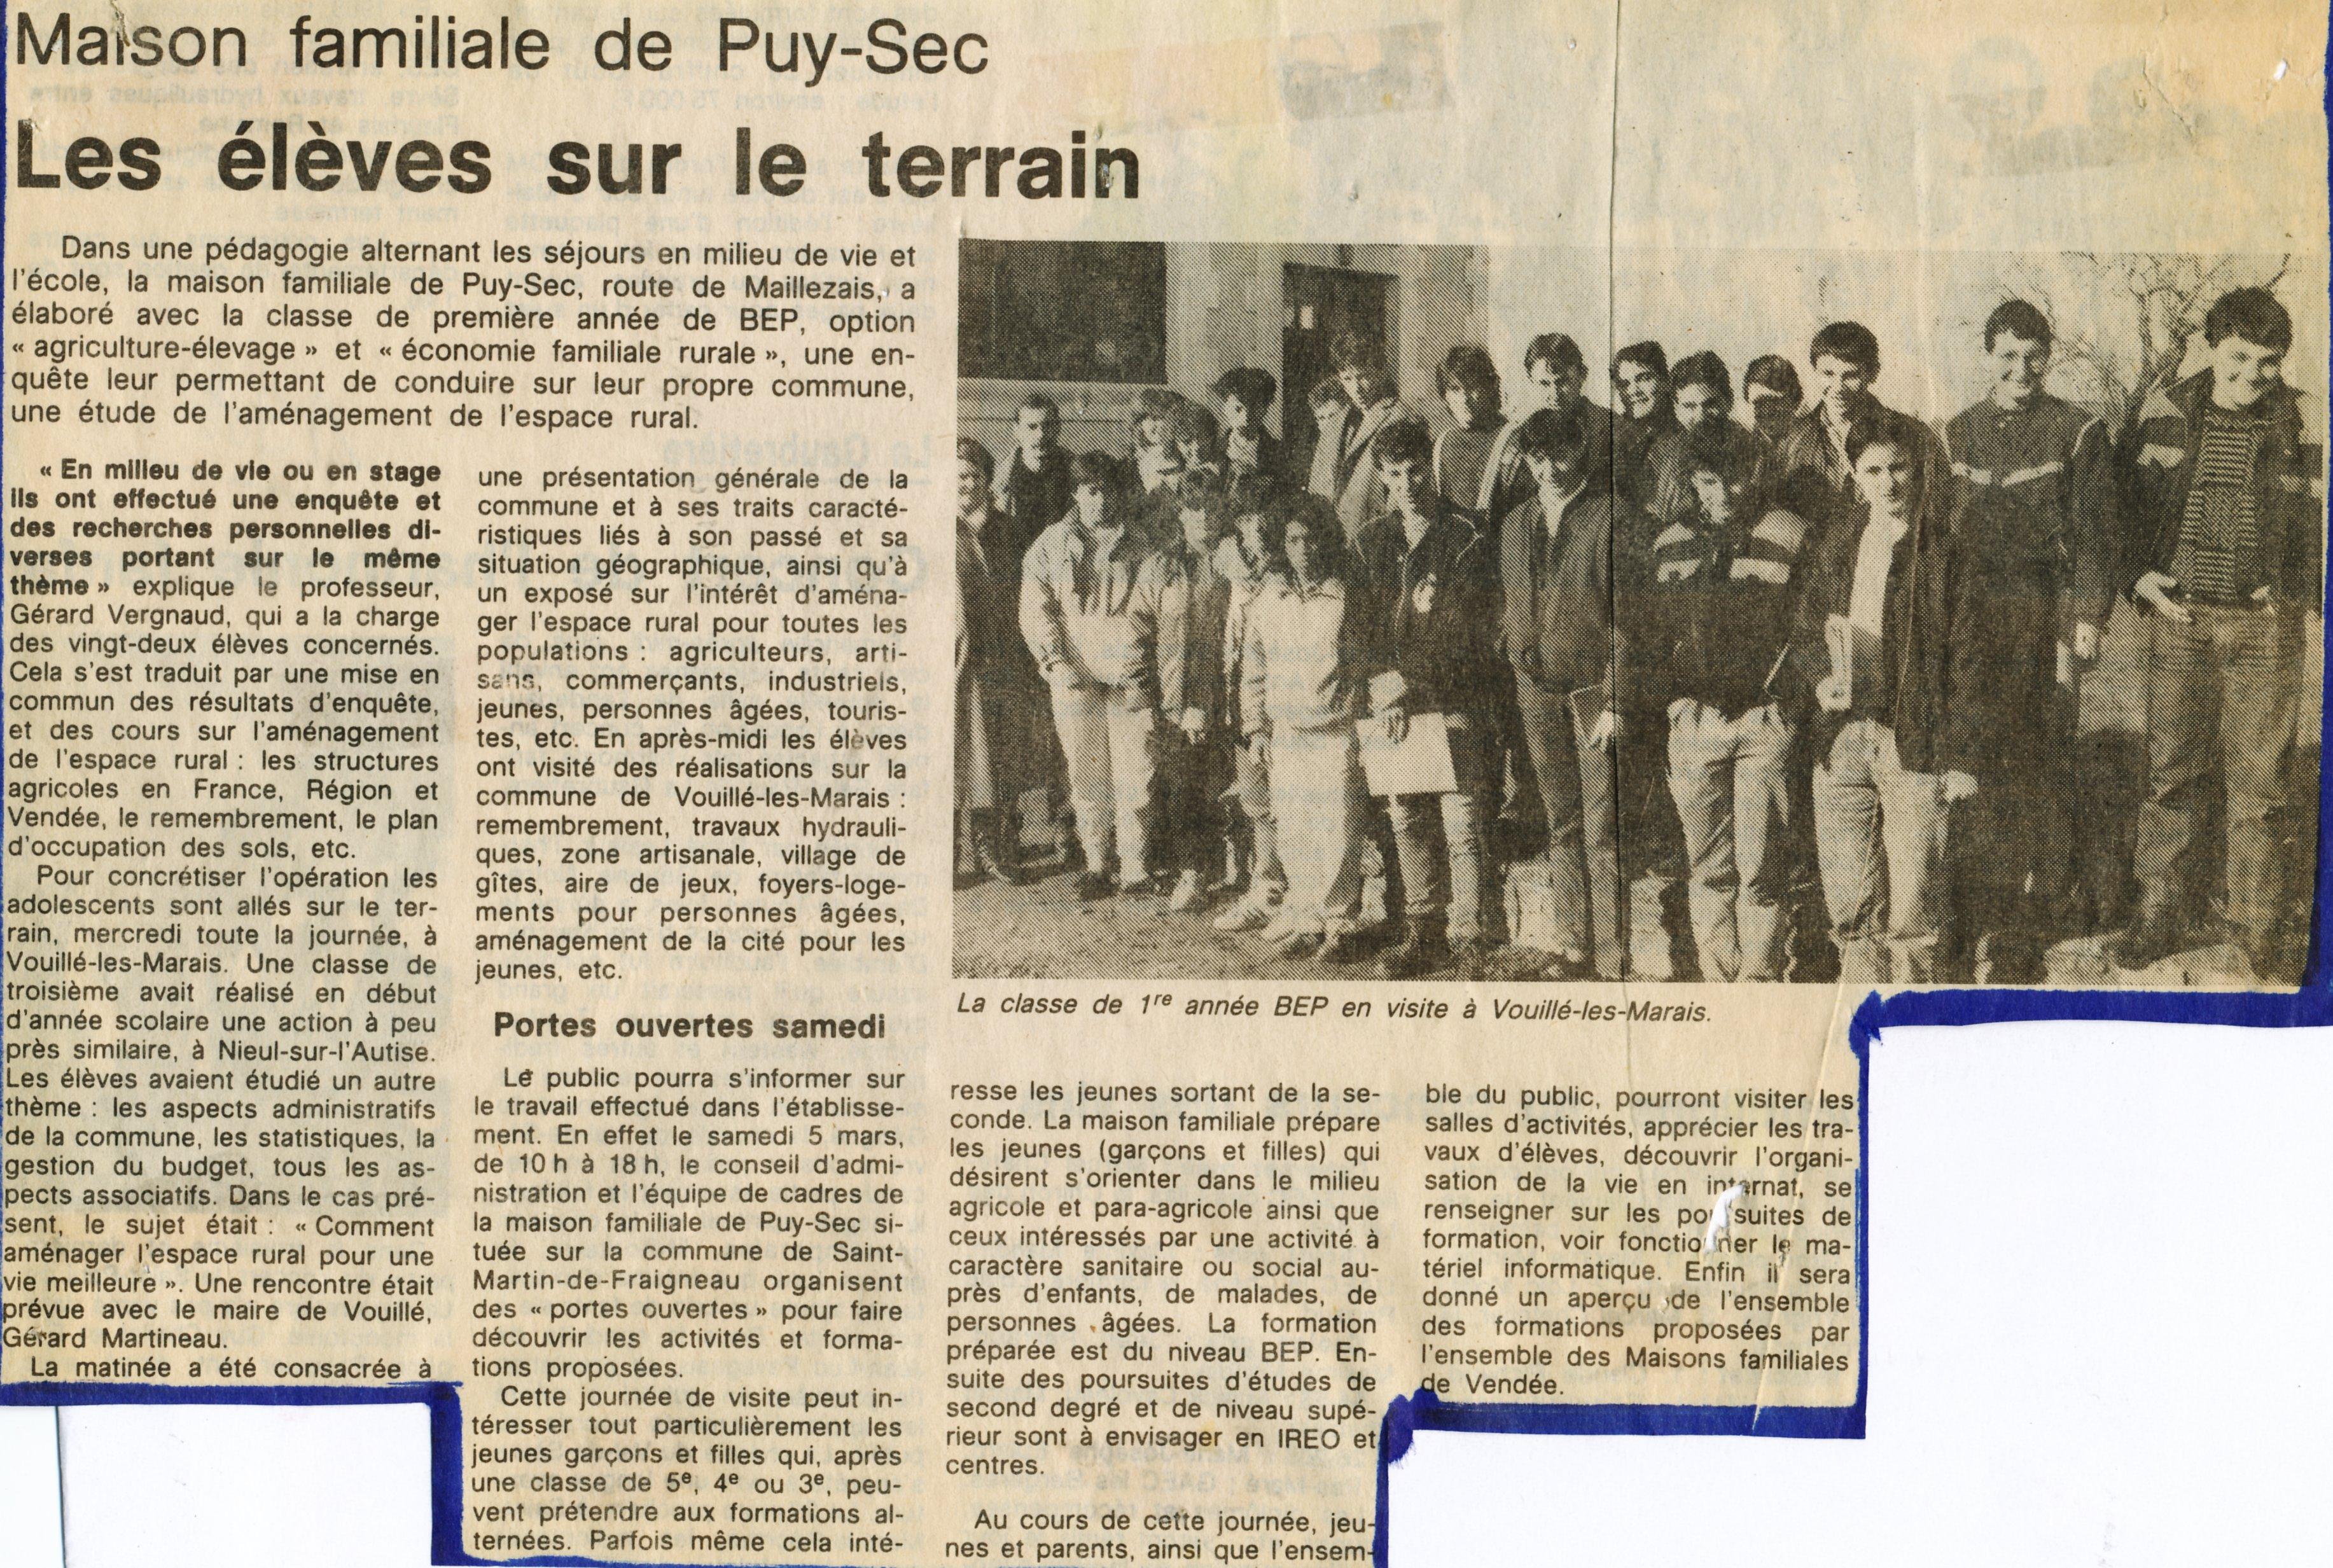 Archives anciens élèves mfr puy-sec 1985 (1)